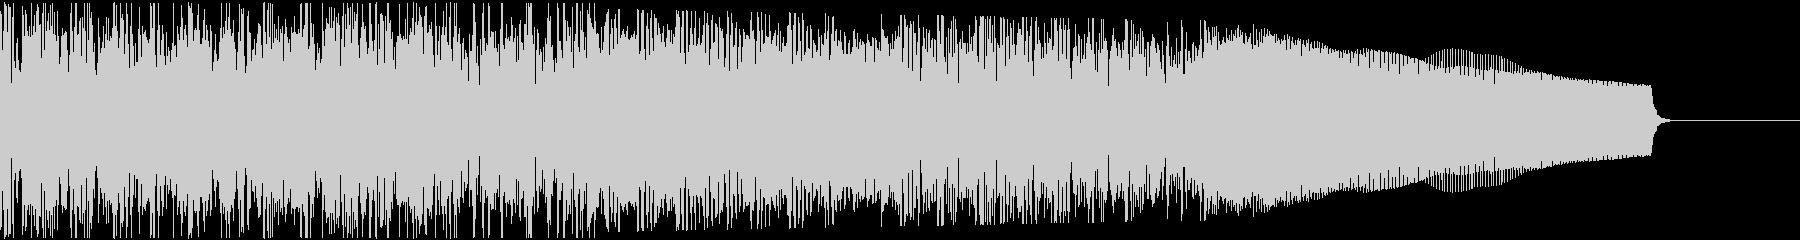 カントリー風ギターイントロ−06Hの未再生の波形